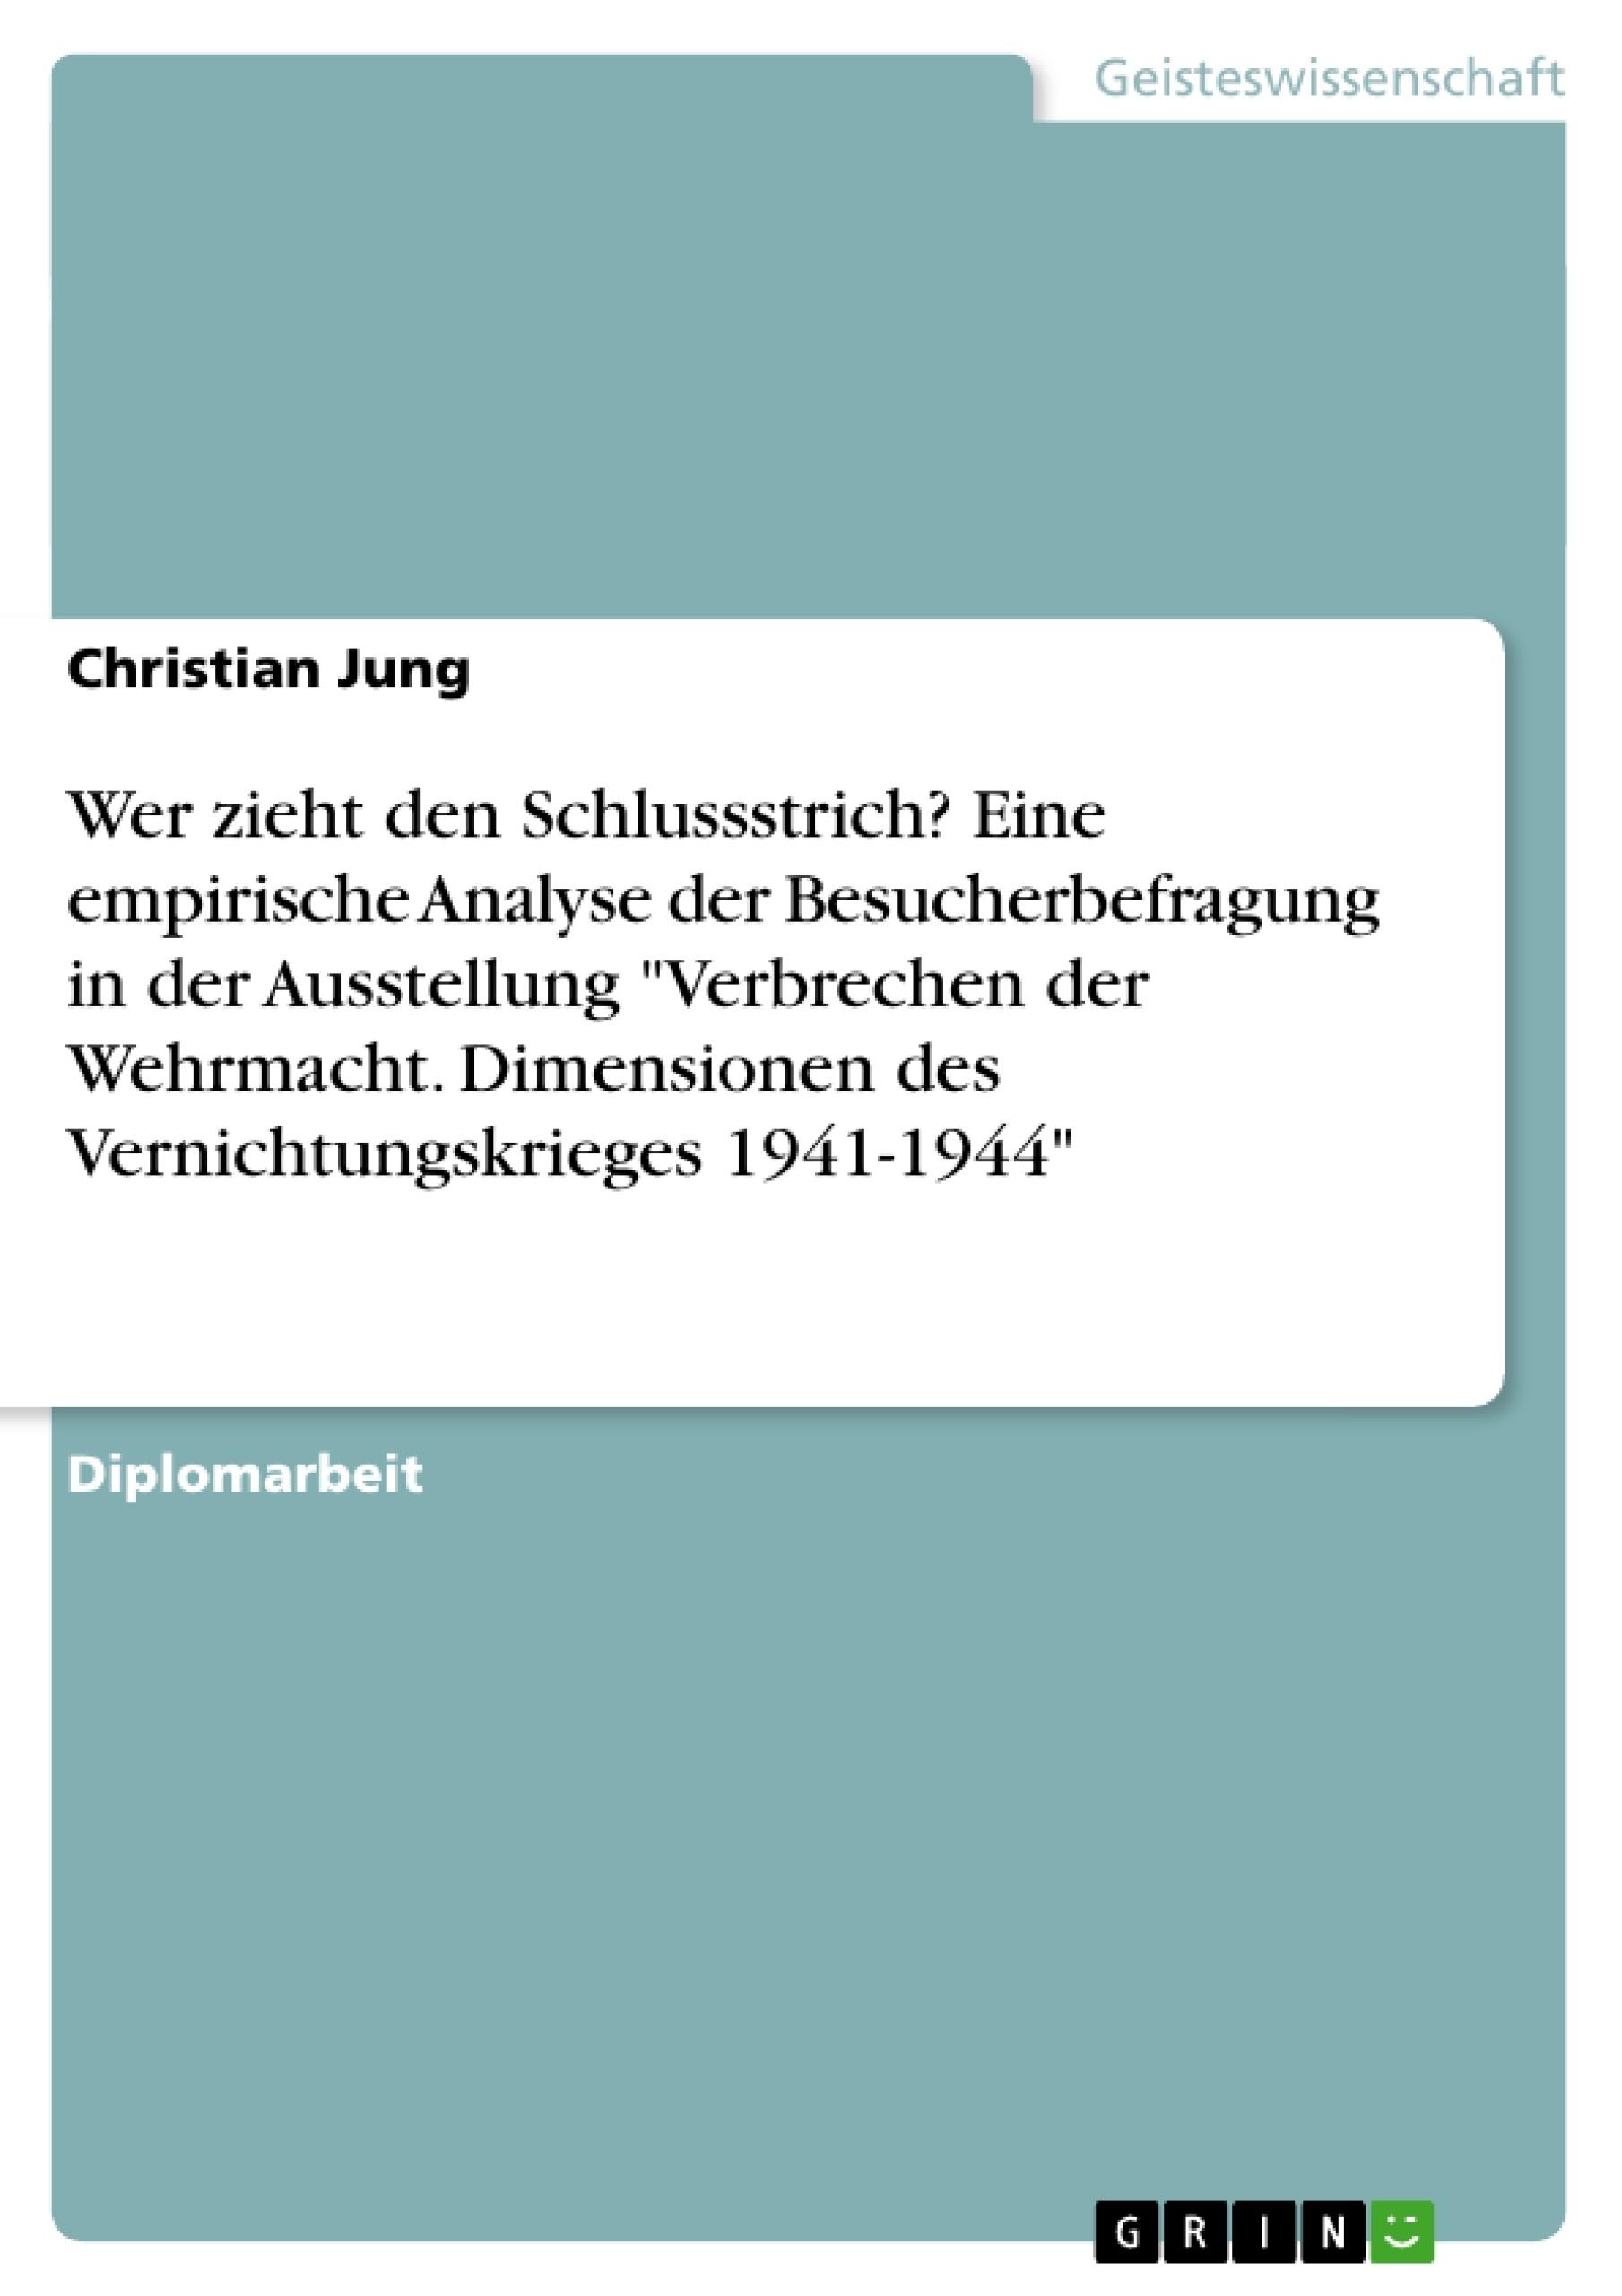 """Titel: Wer zieht den Schlussstrich? Eine empirische Analyse der Besucherbefragung in der Ausstellung """"Verbrechen der Wehrmacht. Dimensionen des Vernichtungskrieges 1941-1944"""""""